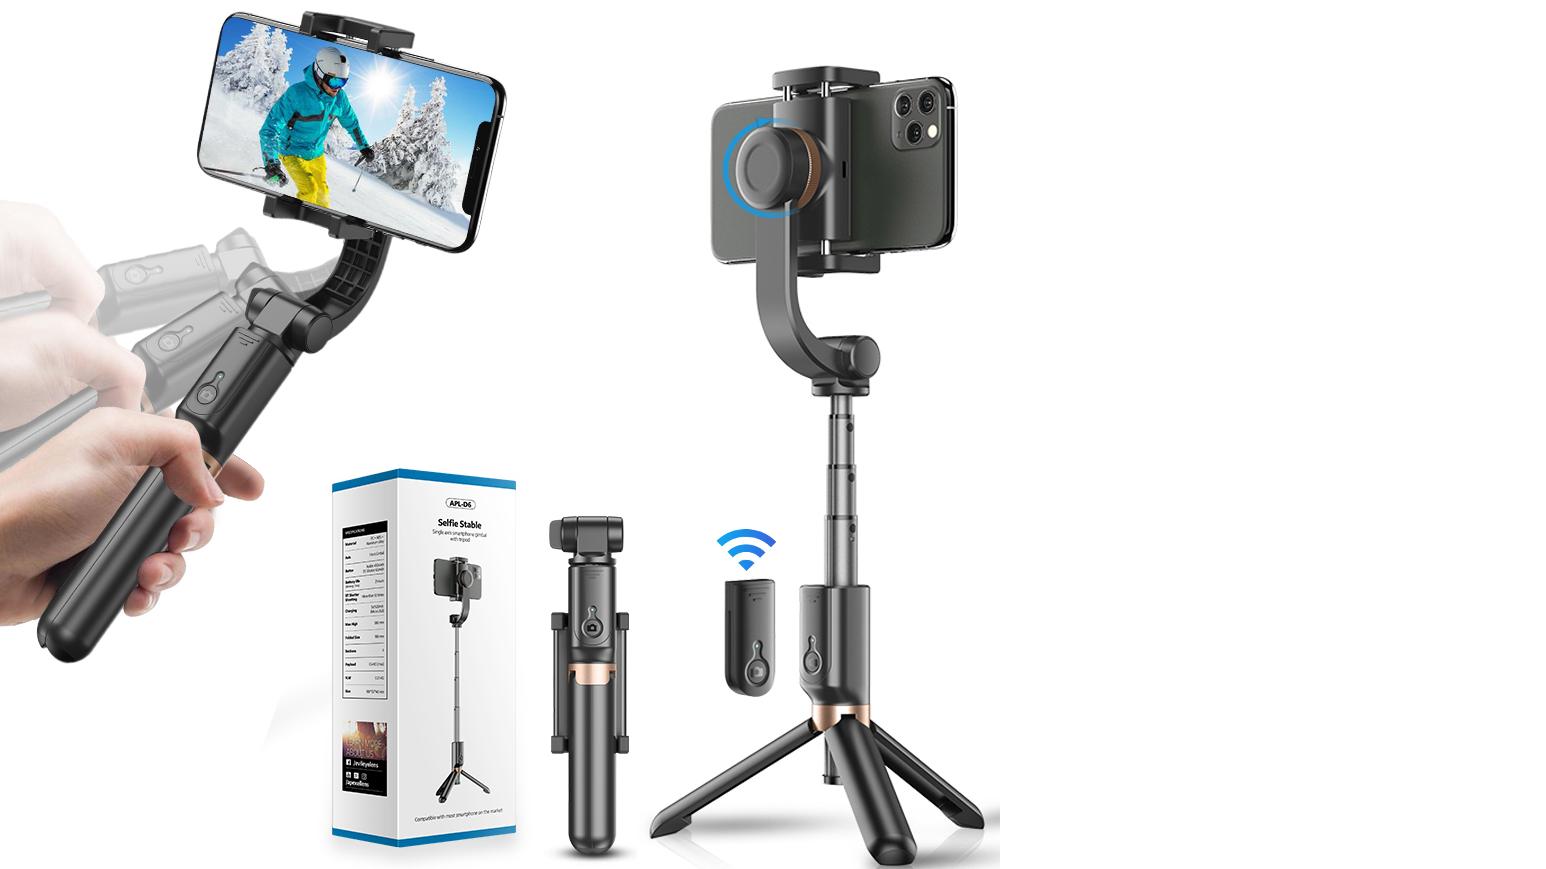 APEXEL 2020 新デザインハンドヘルド単軸携帯ジン、 vlogging キット selfie スティック三脚用スマートフォン